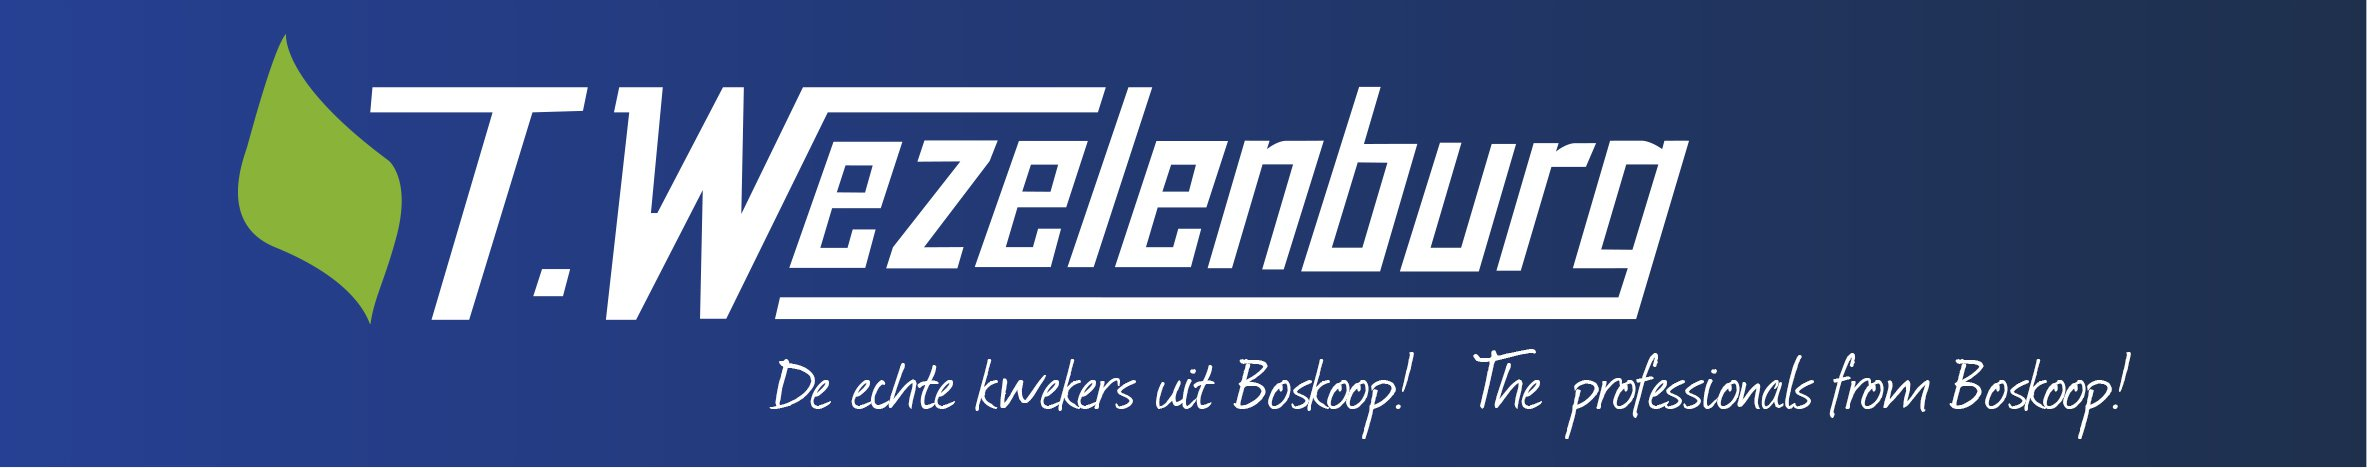 T. Wezelenburg Handelskwekerijen BV: Boomkwekerij Medewerker